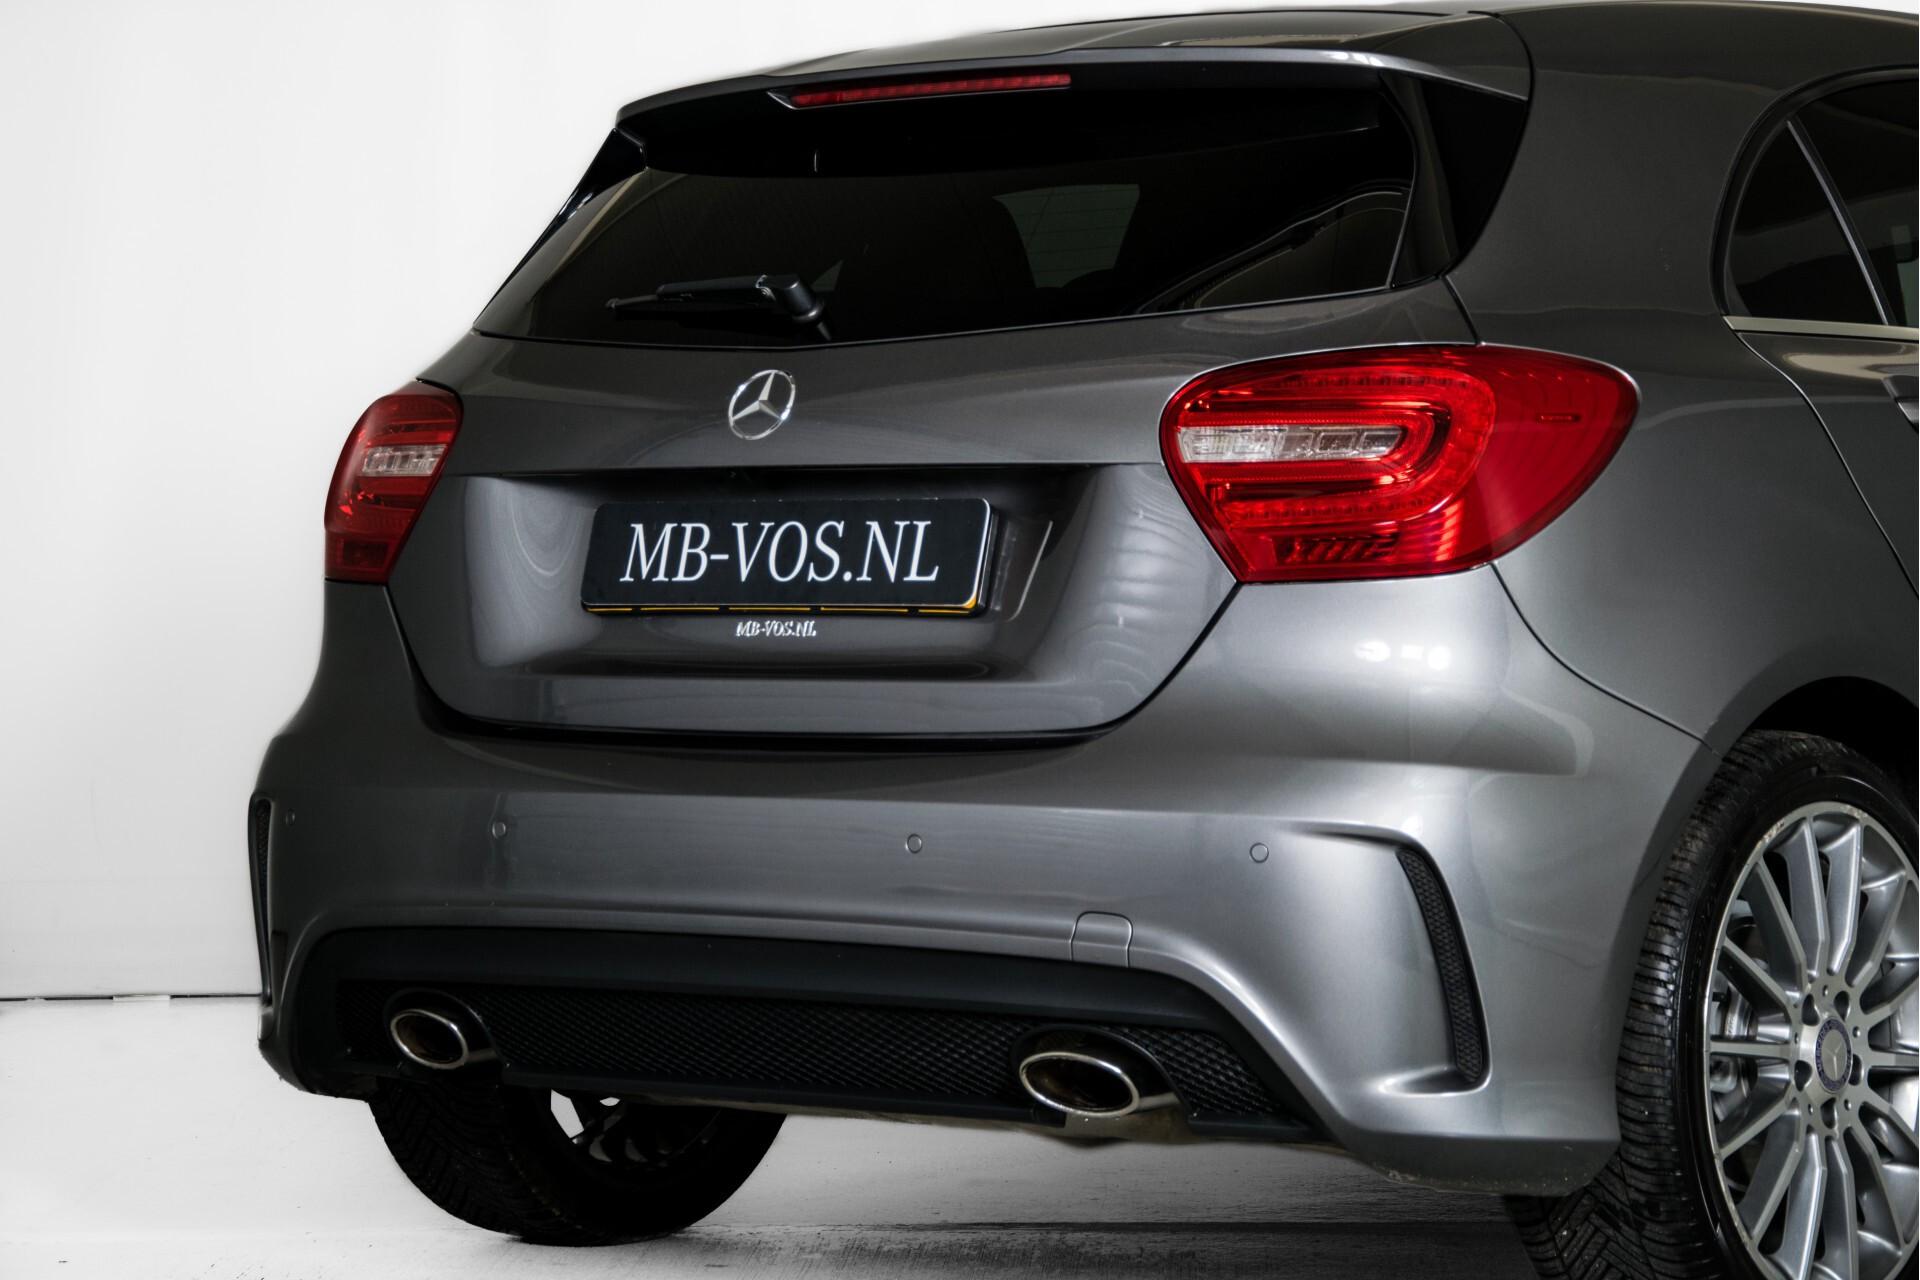 Mercedes-Benz A-Klasse 180 AMG Dynamic Handling/Camera/Xenon/Navi/Privacy Aut7 Foto 47